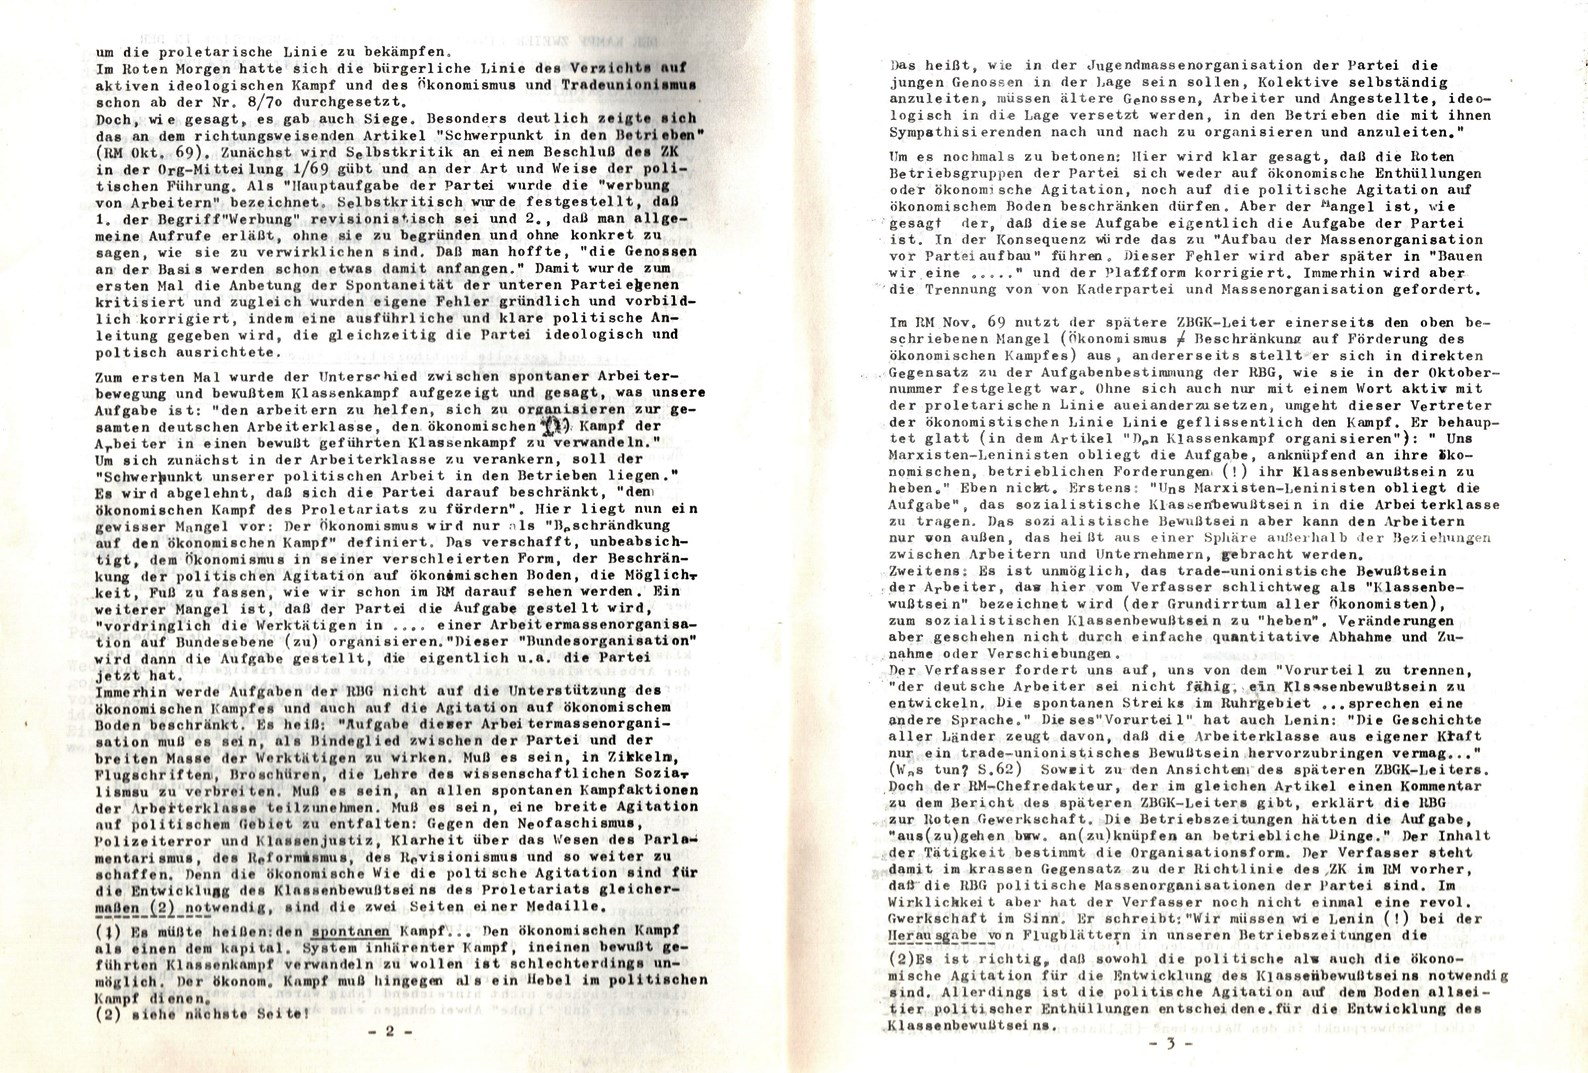 KPDML_1971_Analysen_und_Antraege_des_LV_Sued_West_006